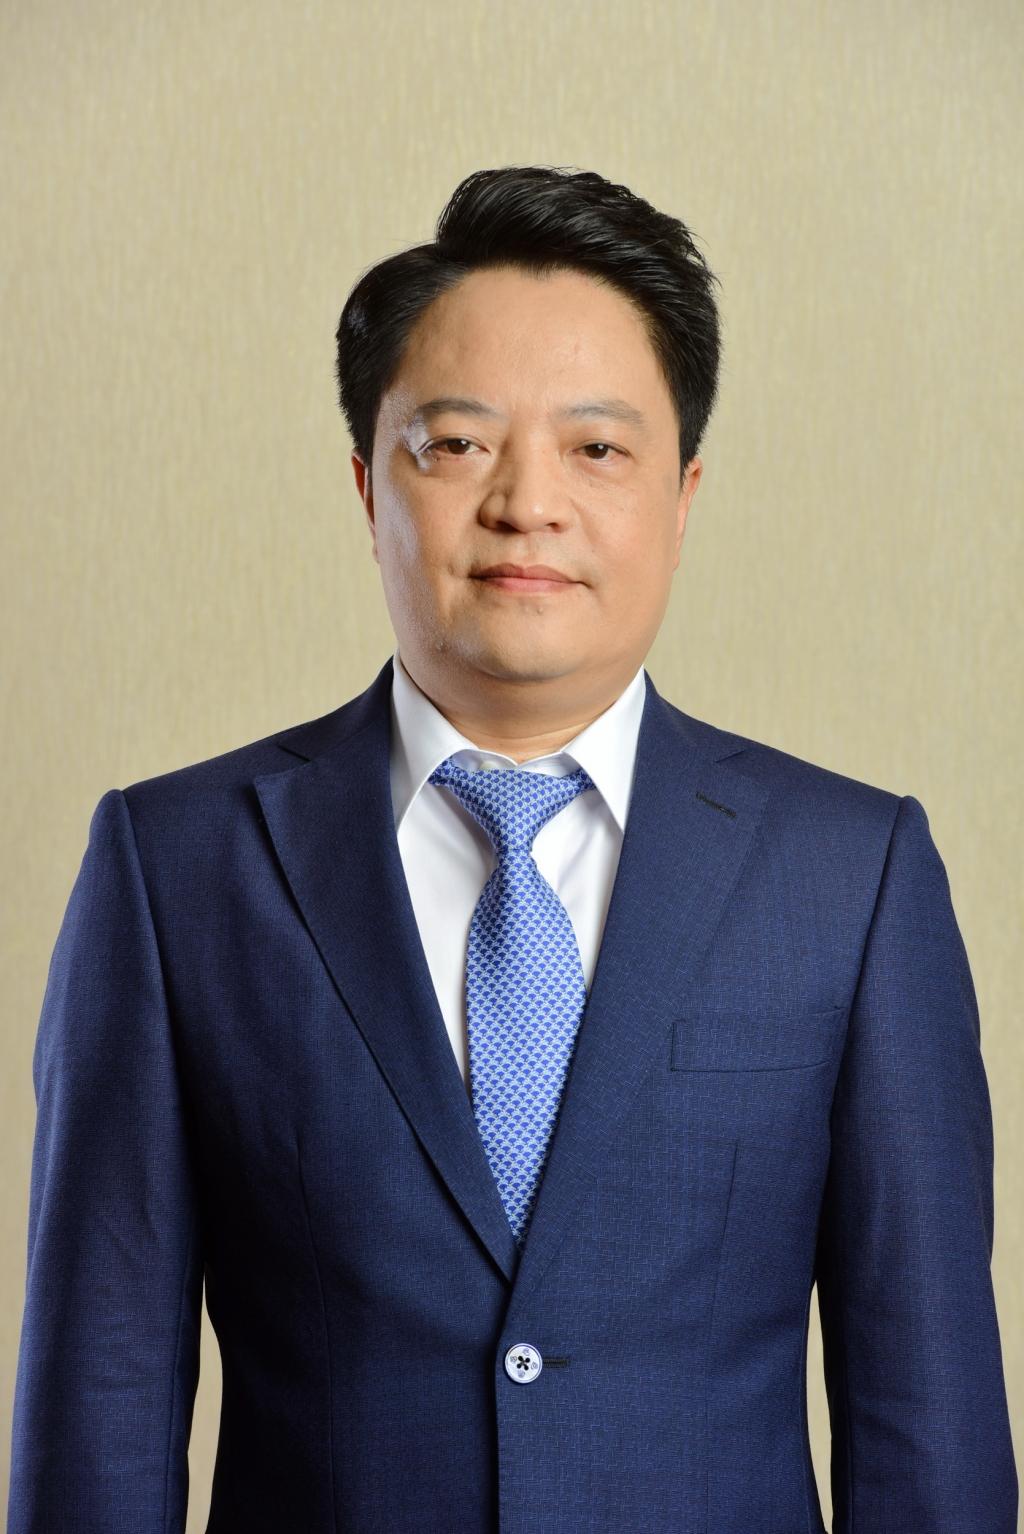 Ông Hoàng Văn Quang – Phó Tổng giám đốc PV GAS được HĐQT PV GAS nhất trí bổ nhiệm giữ chức vụ Tổng giám đốc PV GAS